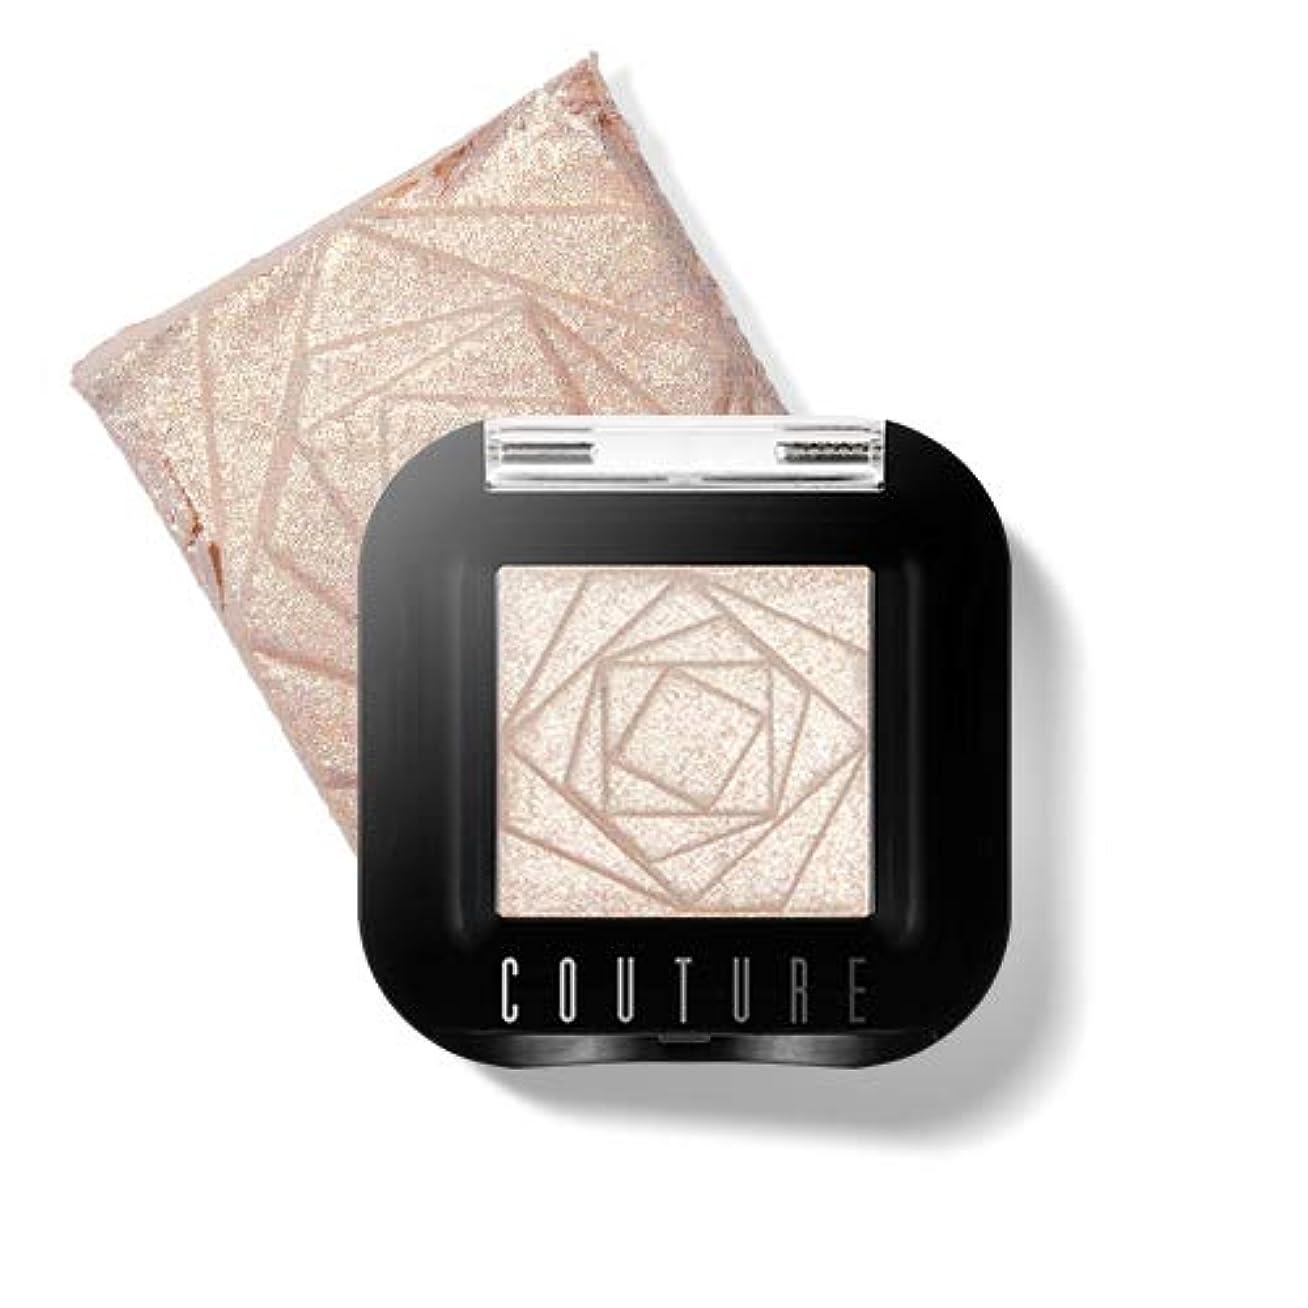 入手しますフリンジ郵便APIEU Couture Shadow (# 26) /アピュ/オピュ クチュールシャドウ 1.7g [並行輸入品]